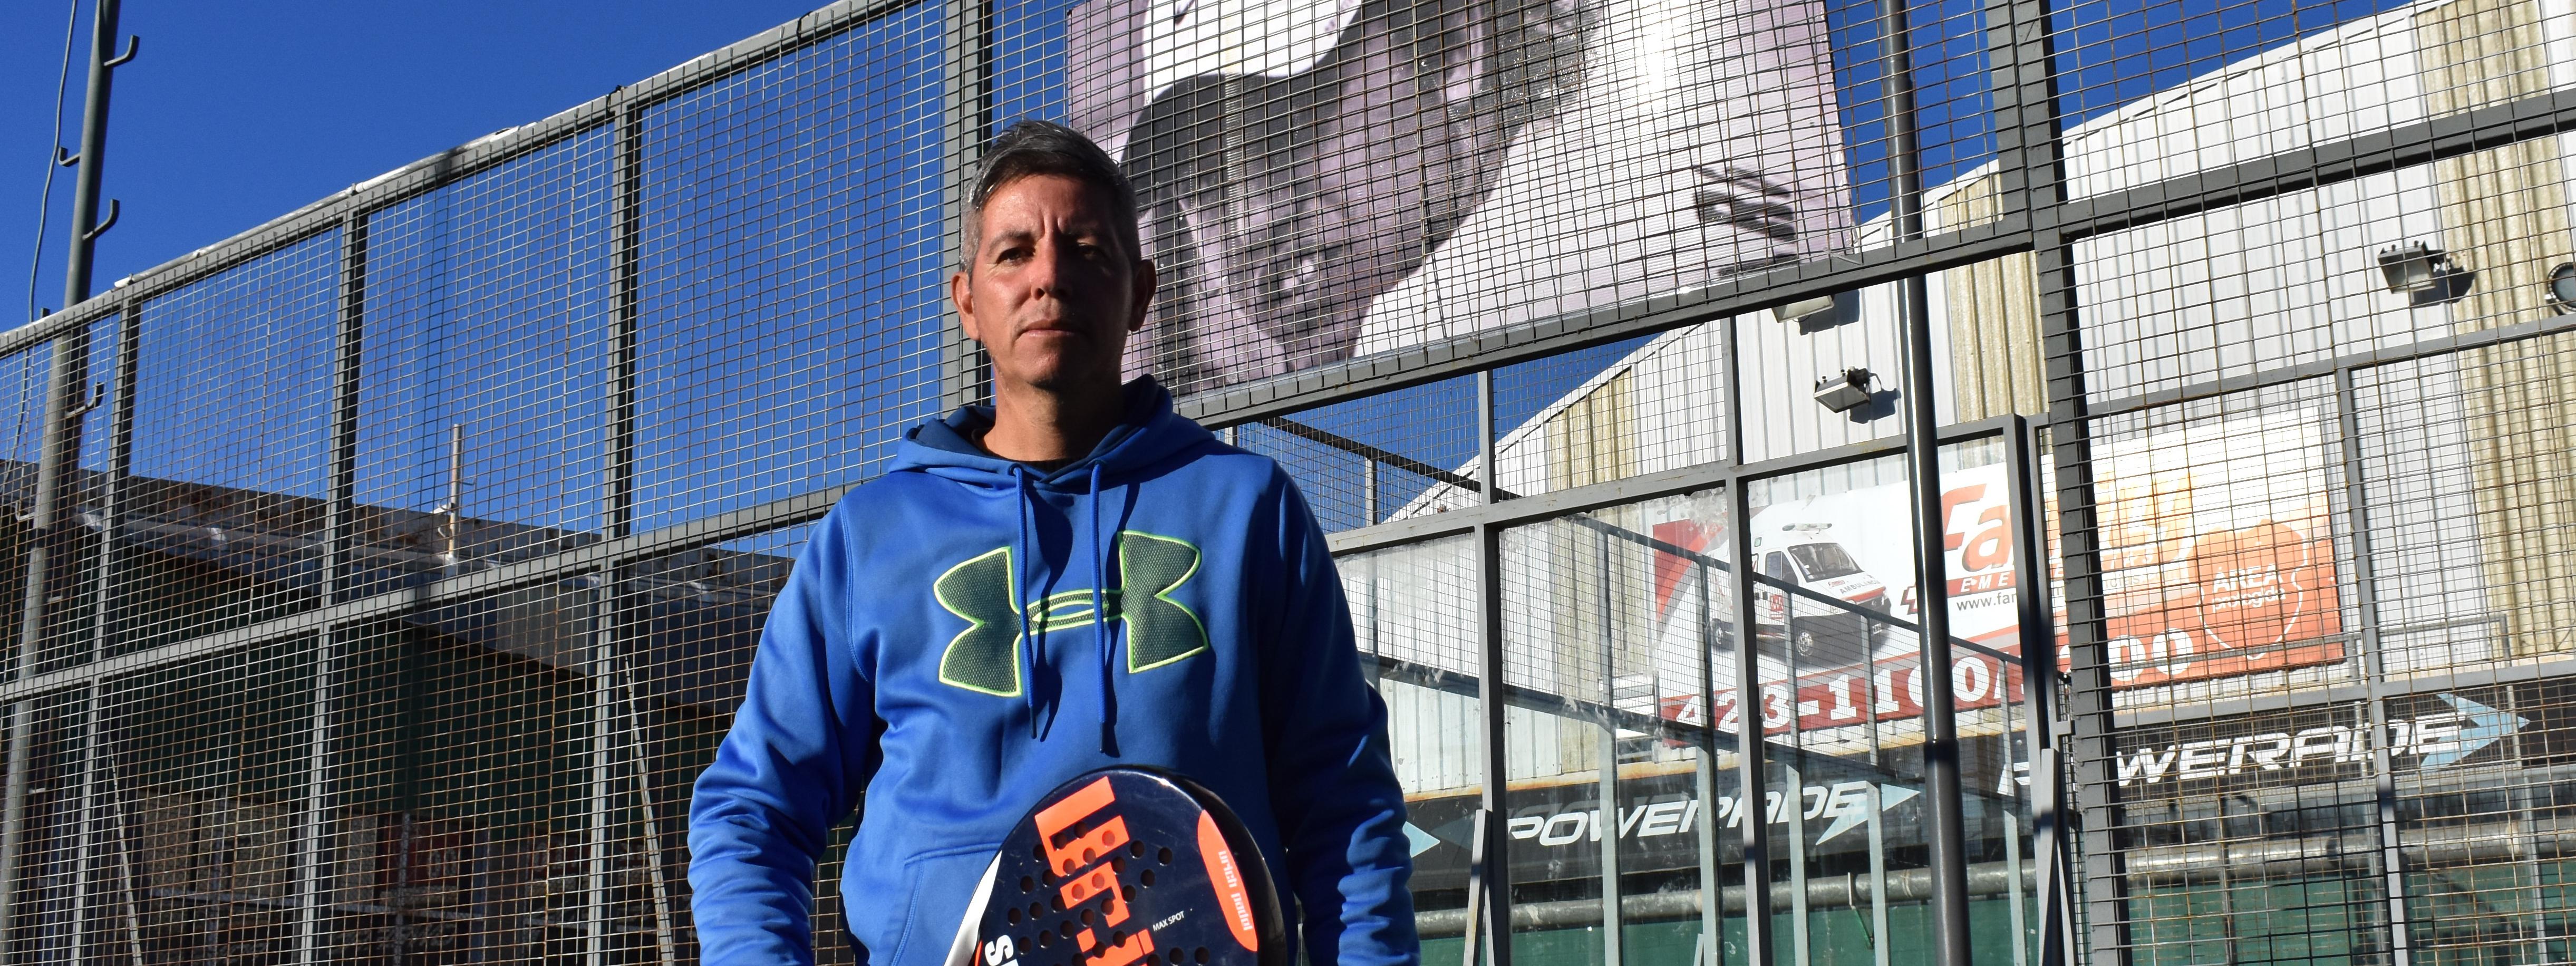 PADEL: En Olibert, el profe Enrique Fleming encontró su nueva casa y palpita el Mundial